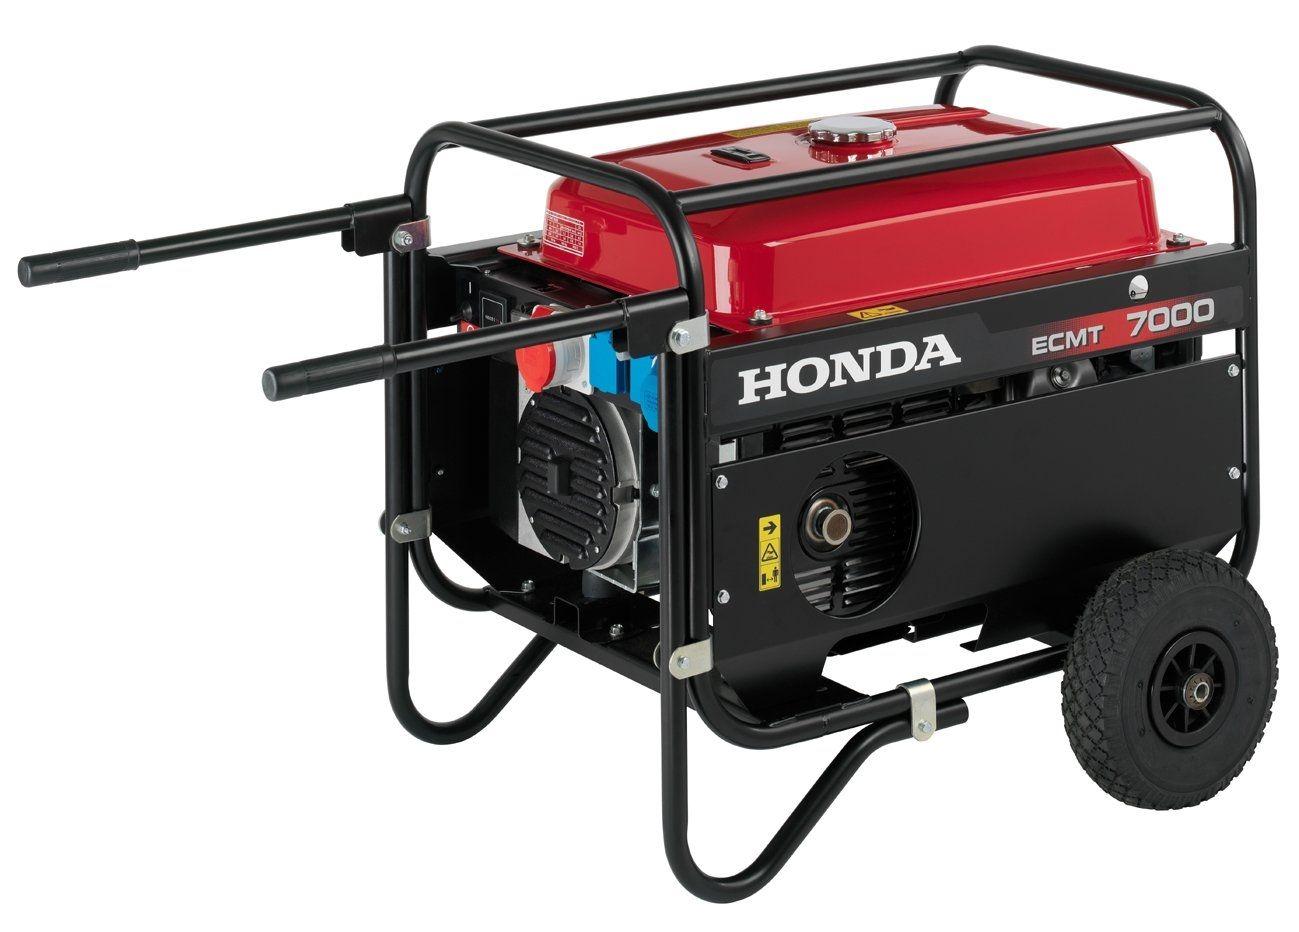 Groupe électrogène Honda ECMT 7000 4a22ba6ebab2